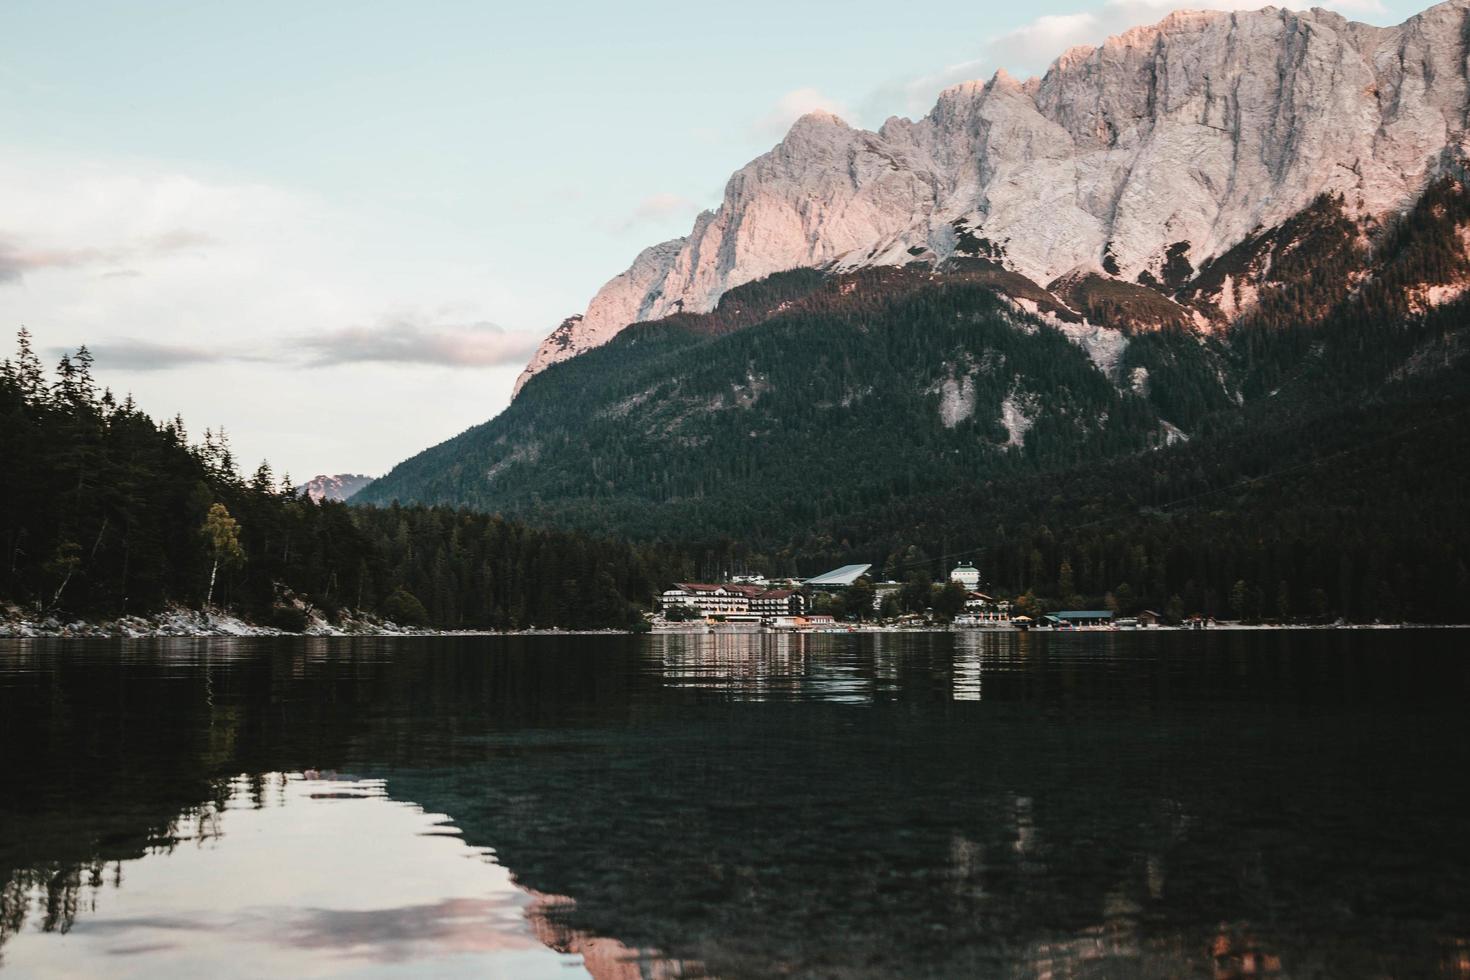 lago calmo e limpido con vista su alberi e montagne foto